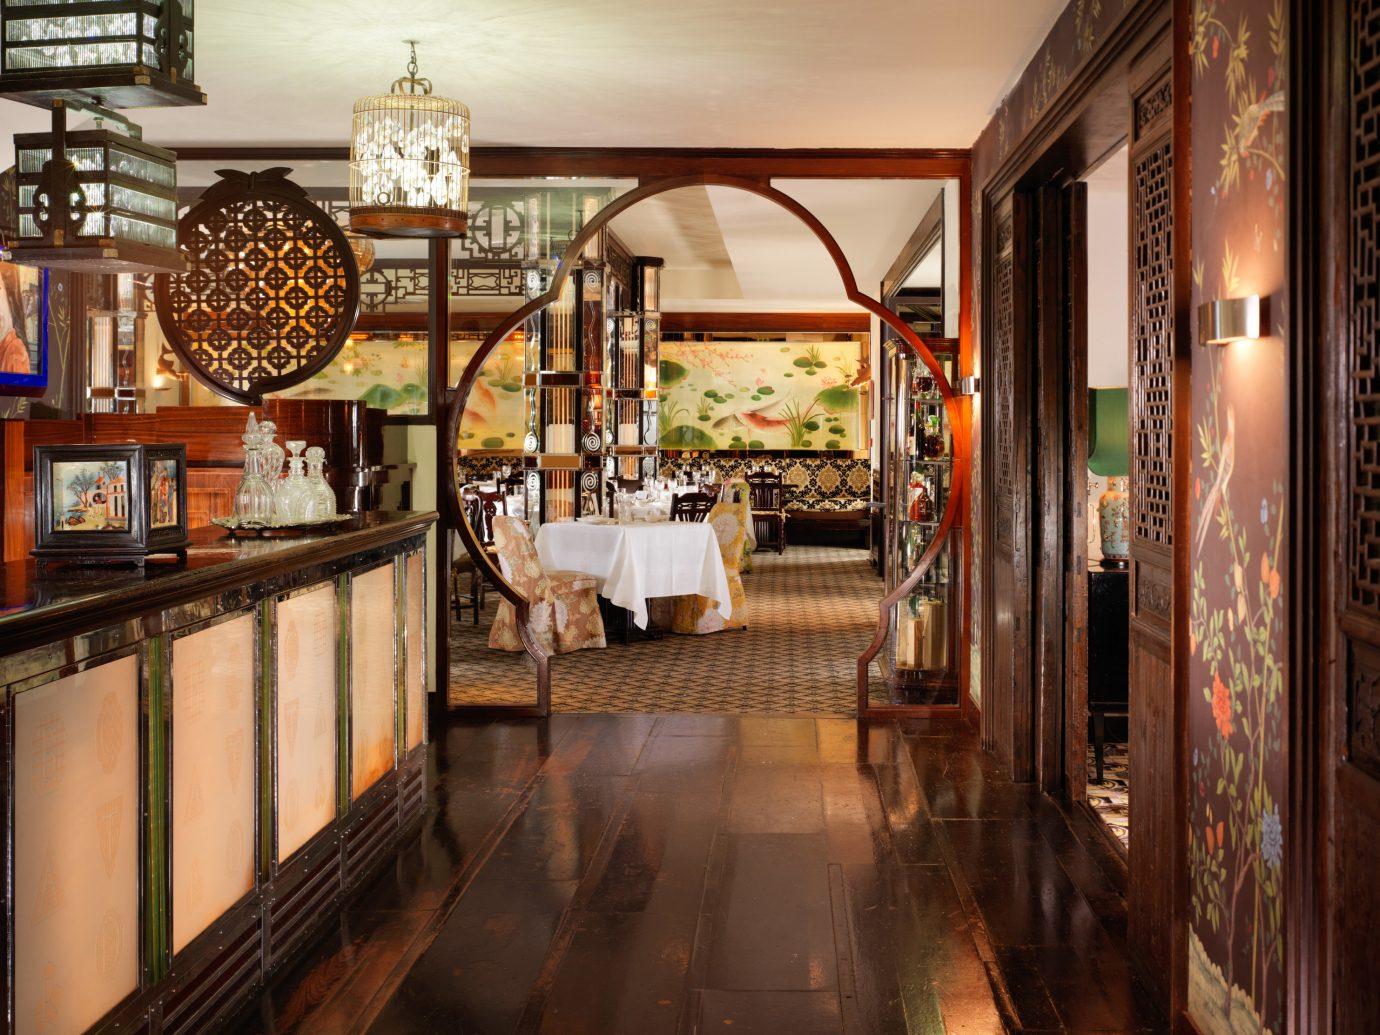 Dining Room at China Tang in Mayfair, London